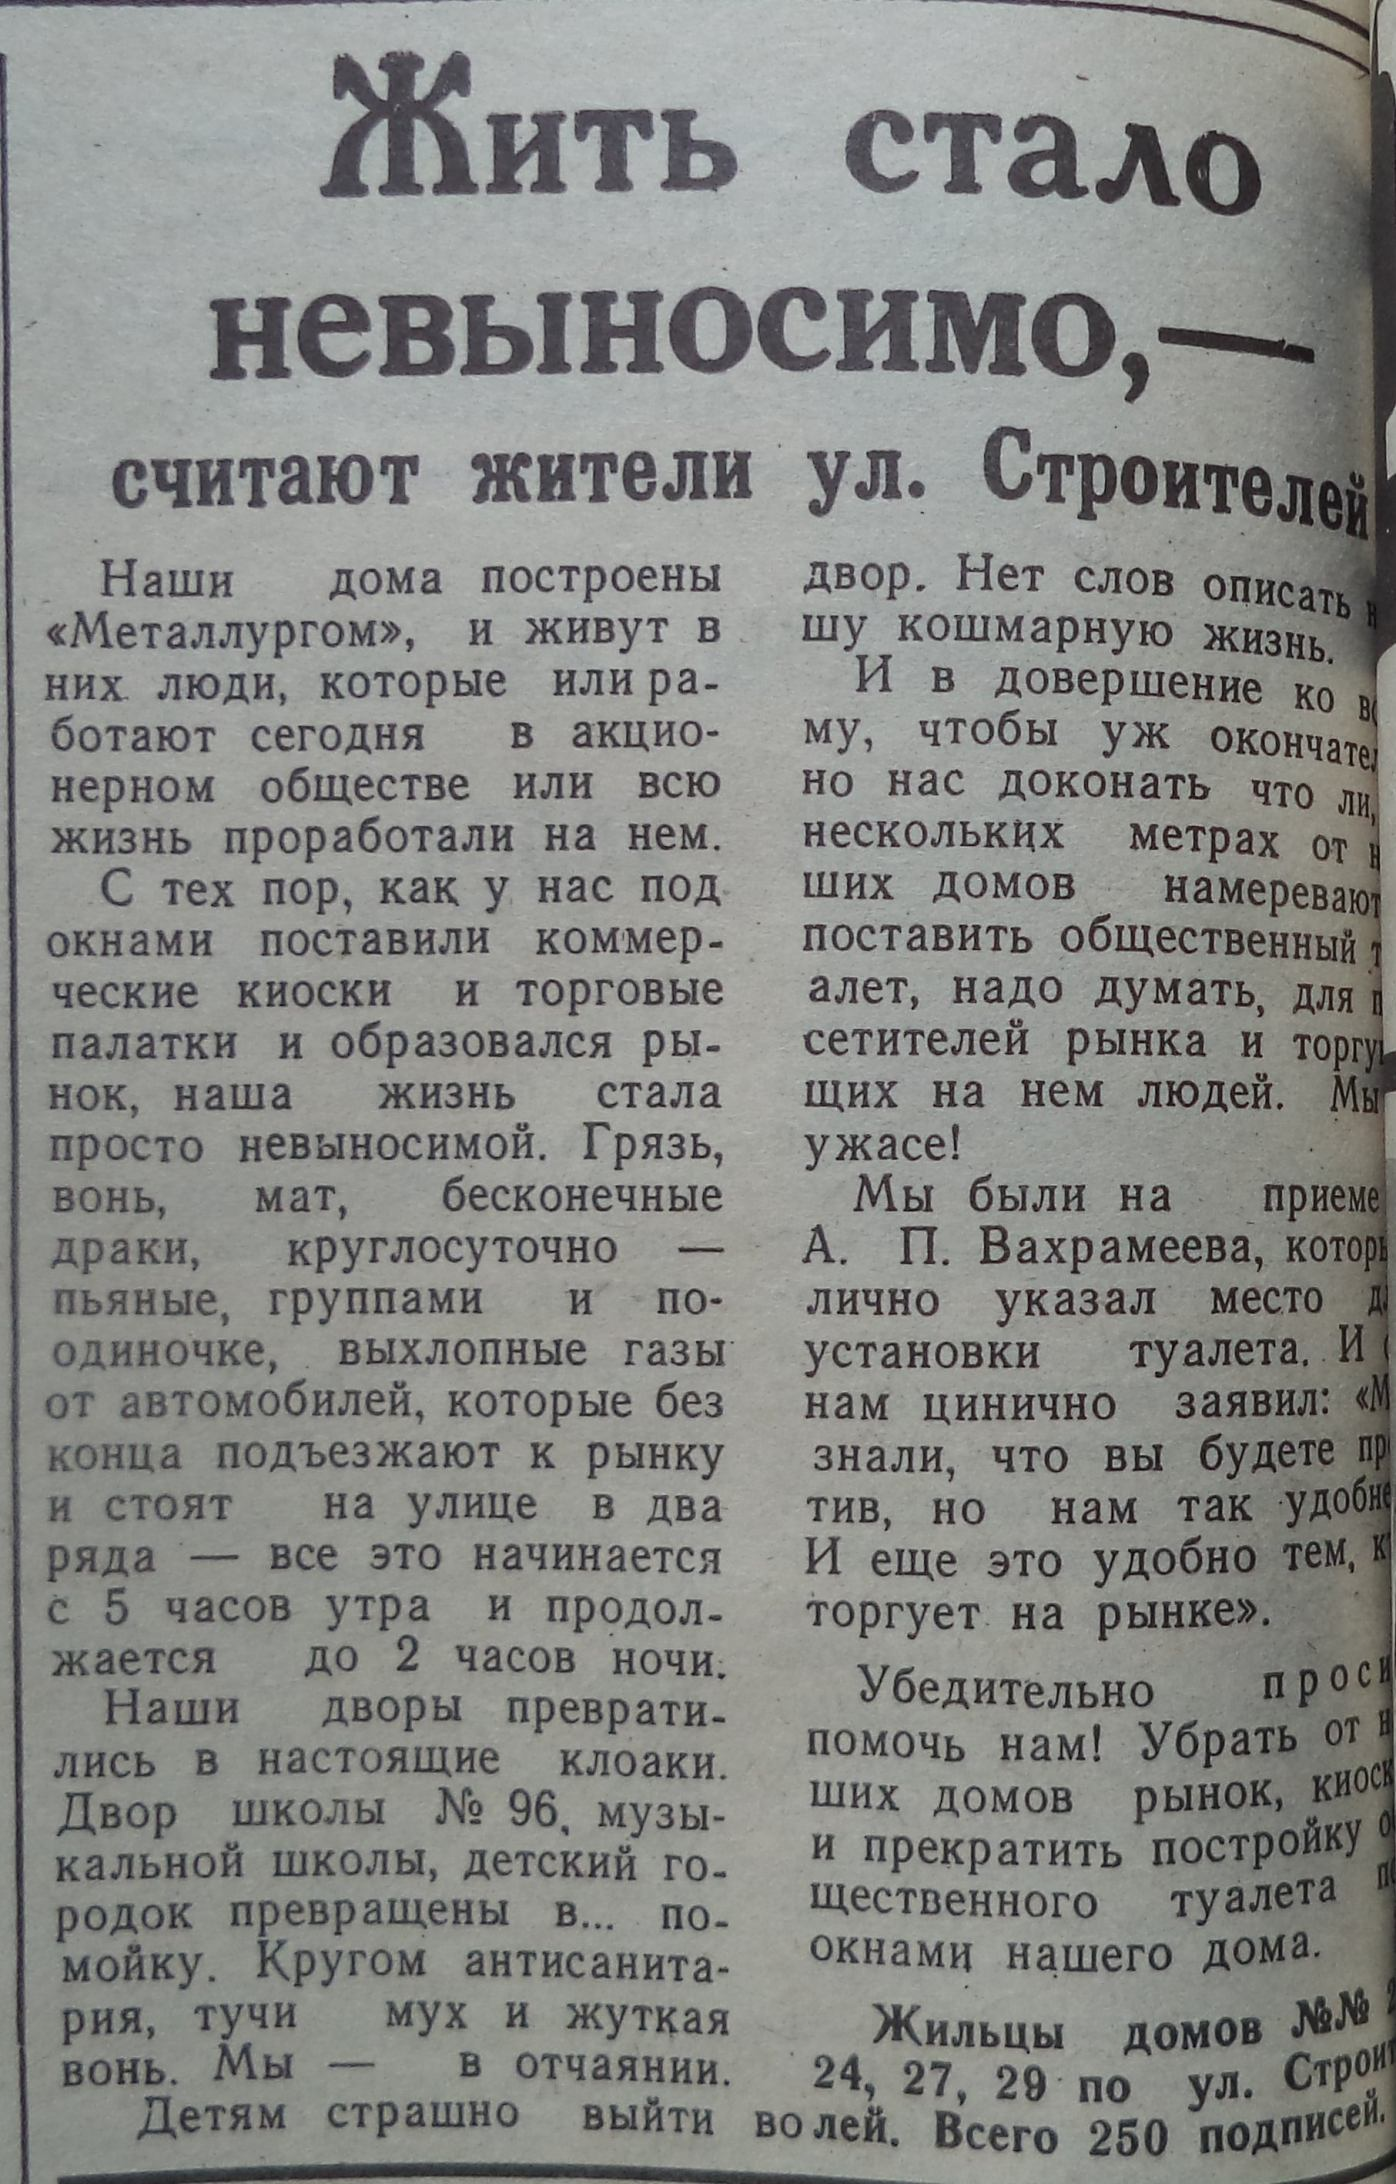 Строителей-ФОТО-23-Рабочий-1995-26 июля-2